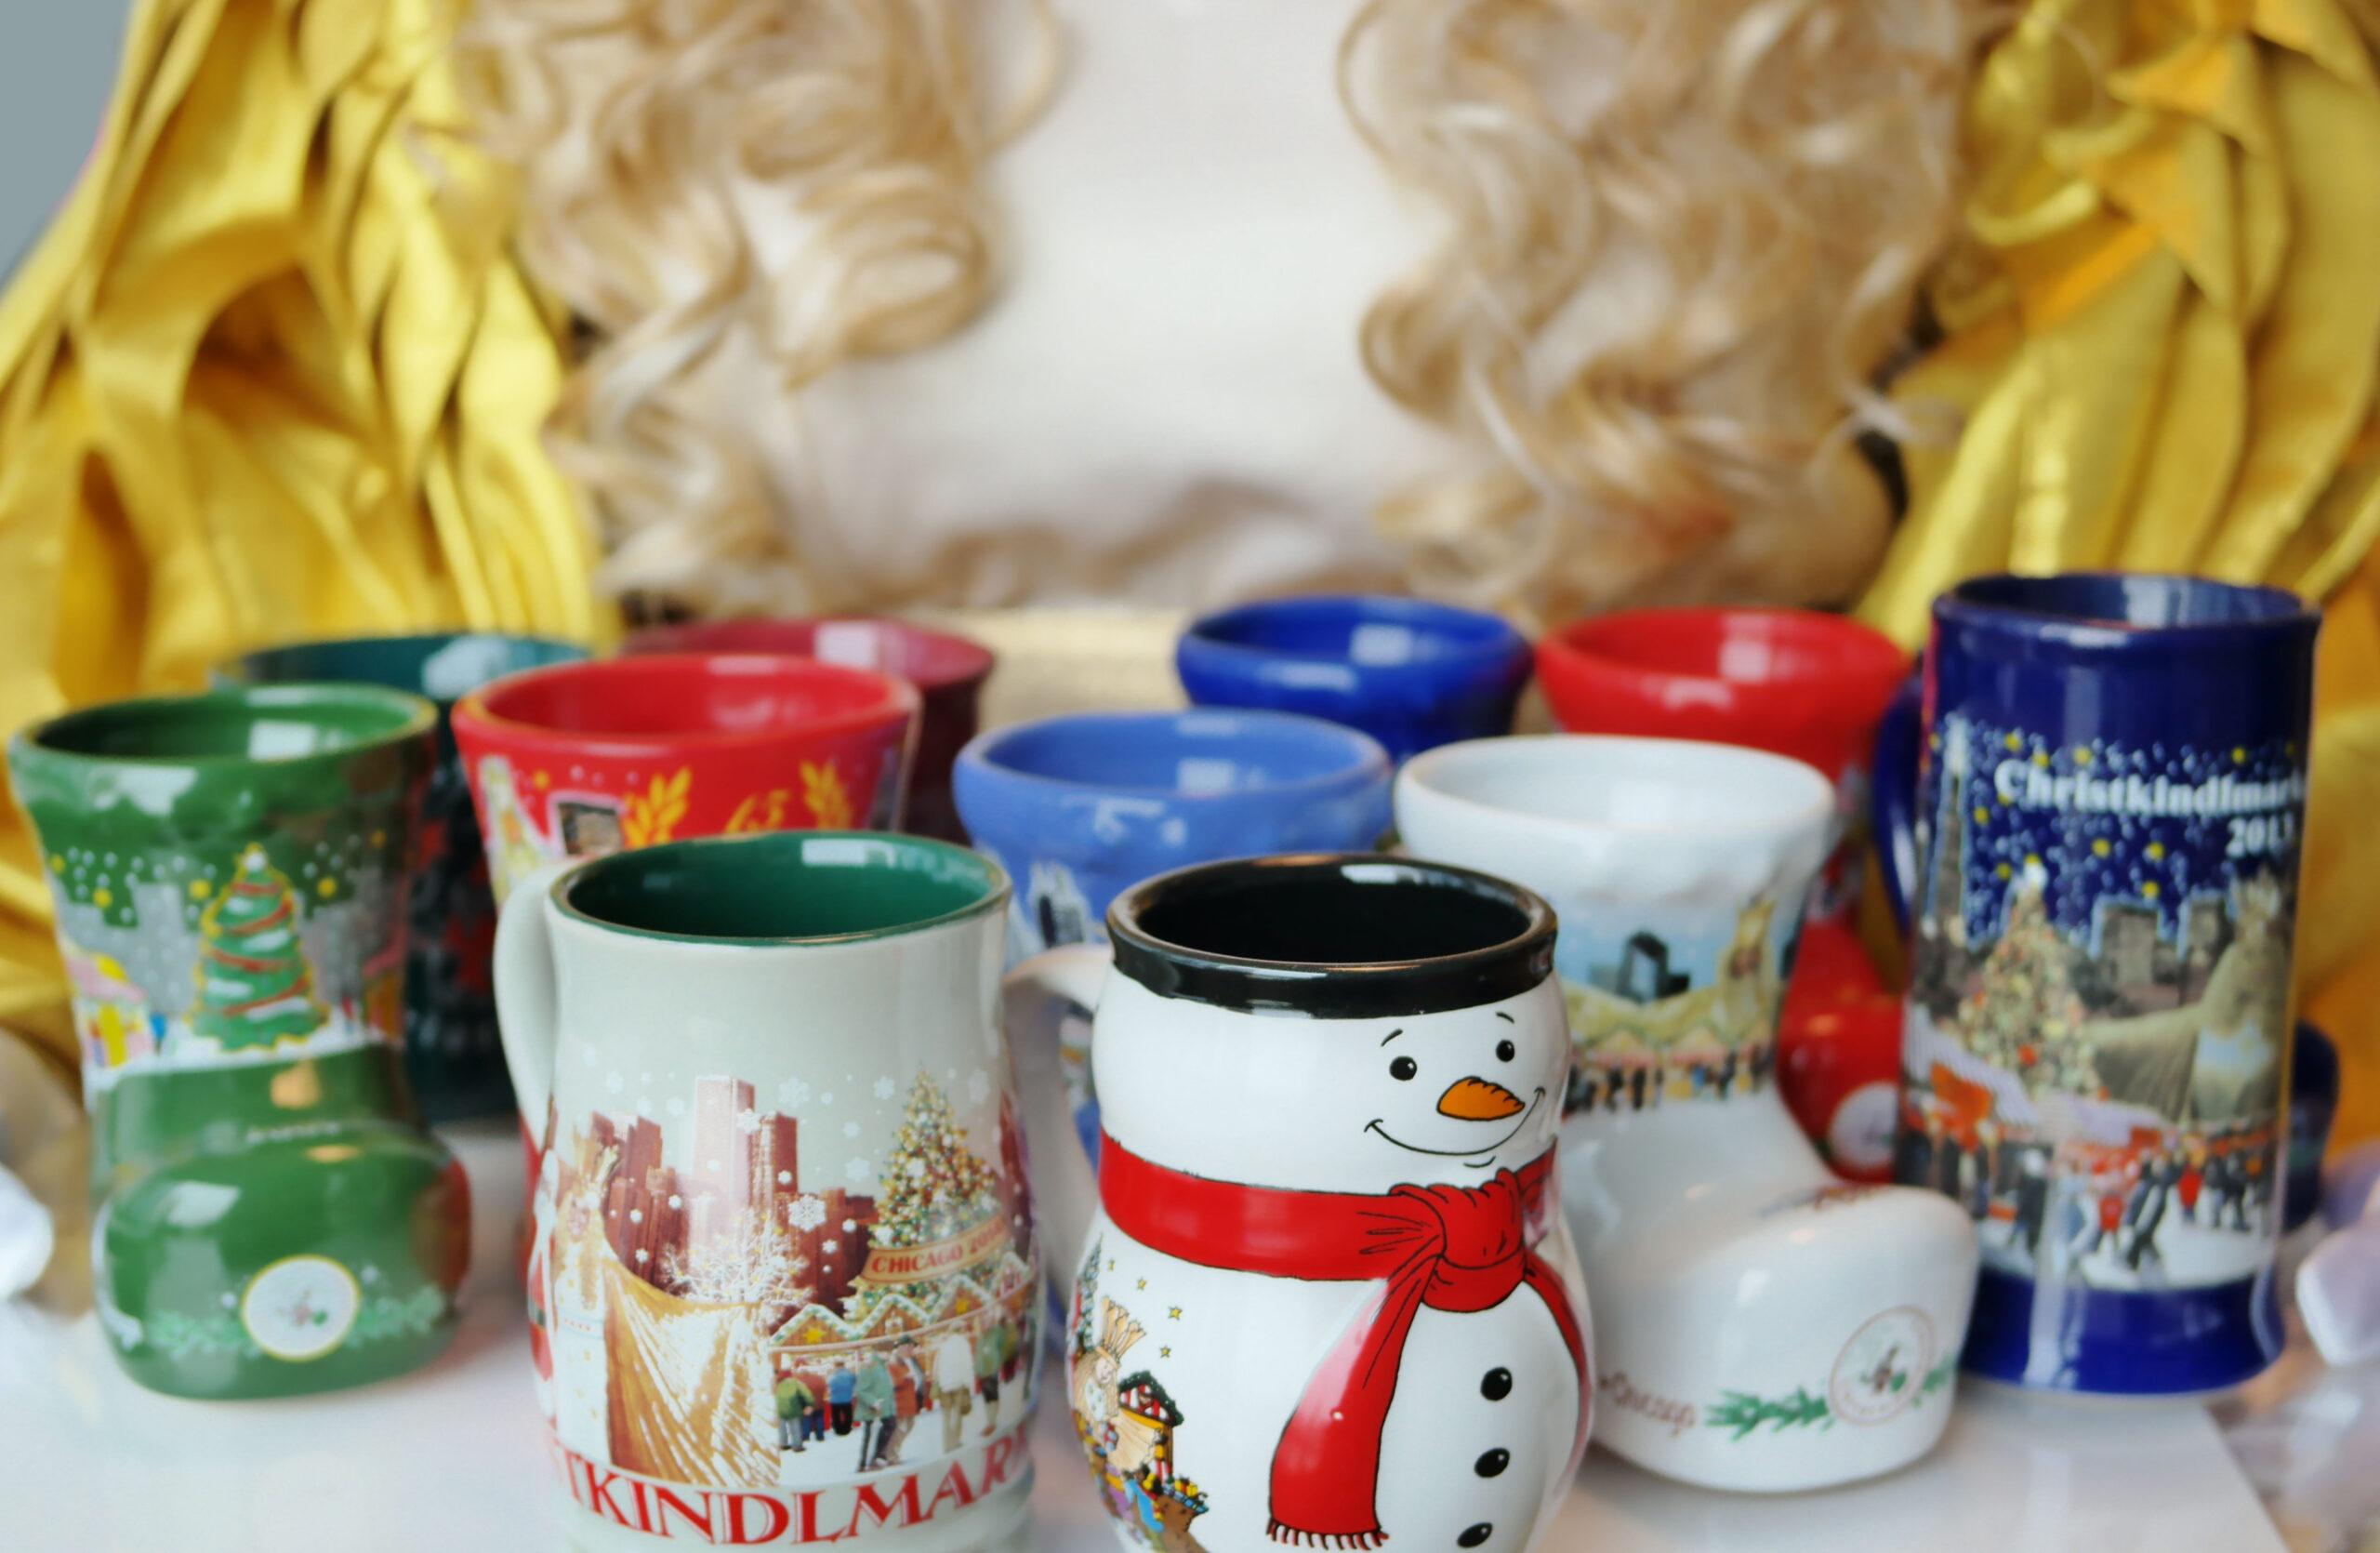 Christkind carries Christkindlmarket mug collection